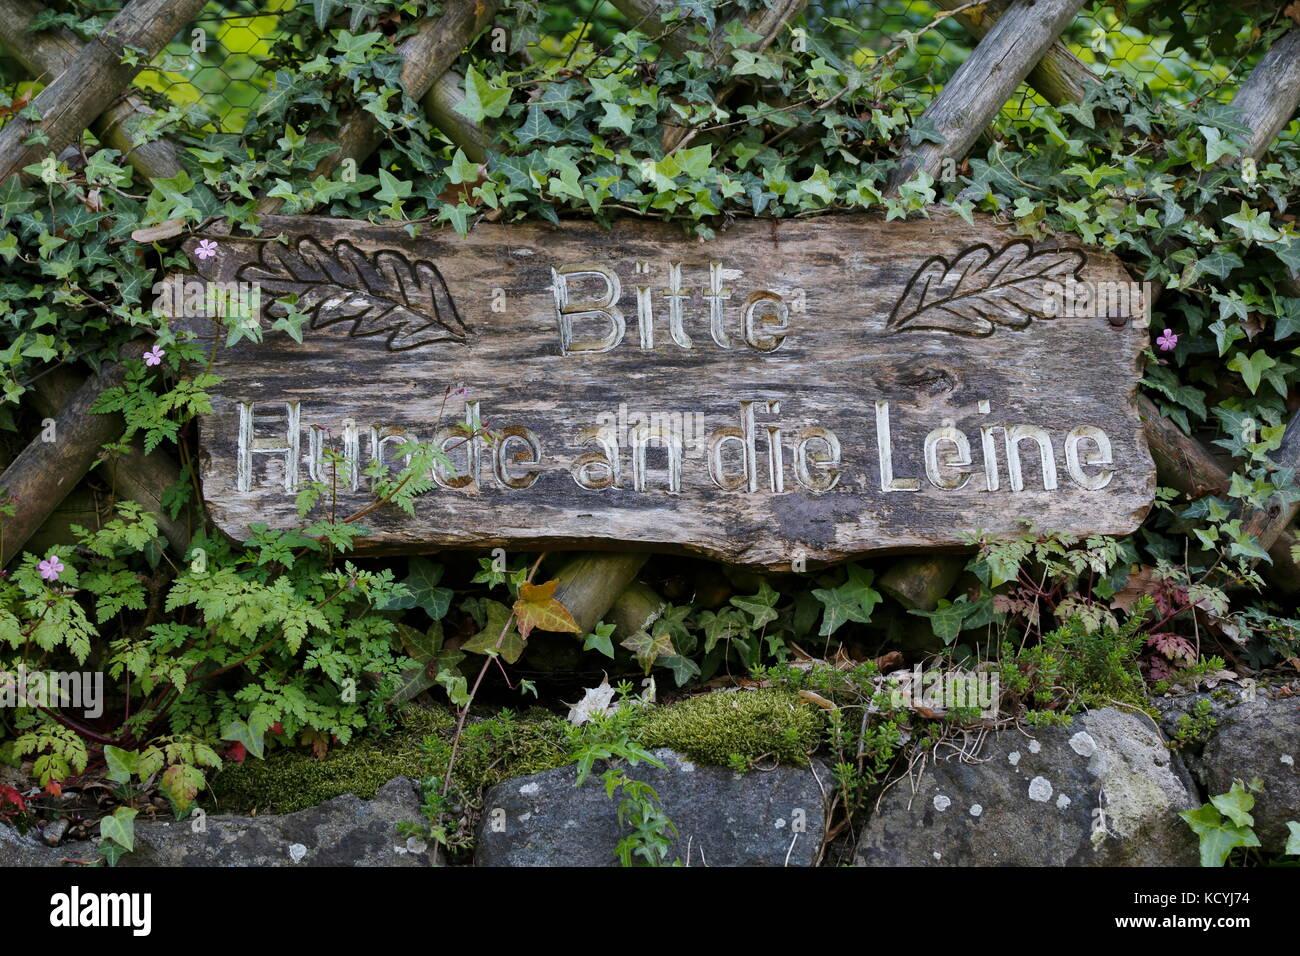 Holzschild mit Schrift Bitte Hunde an die Leine - Stock Image